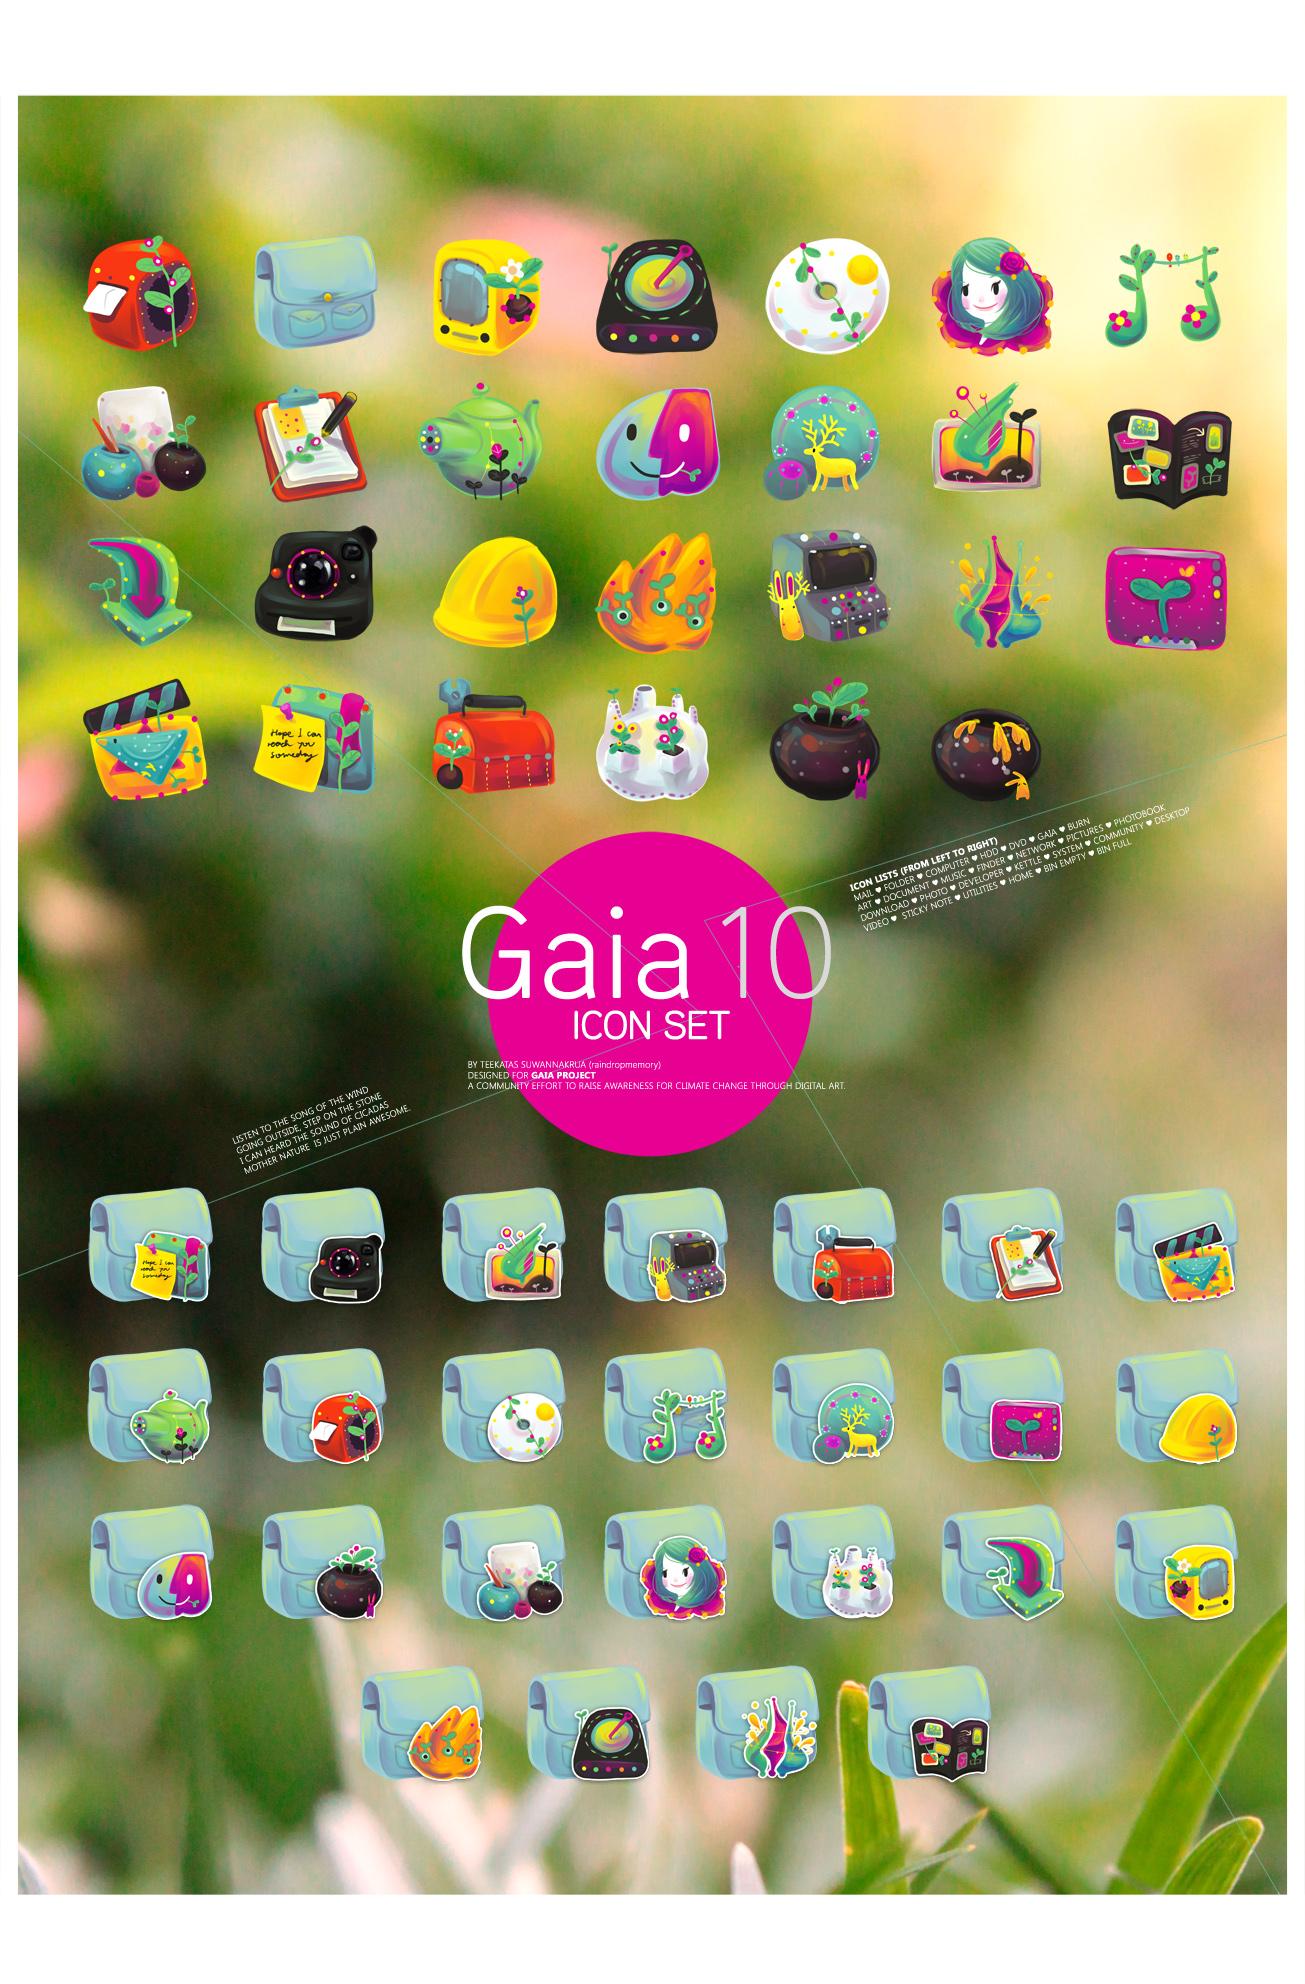 Gaia10 Icon set